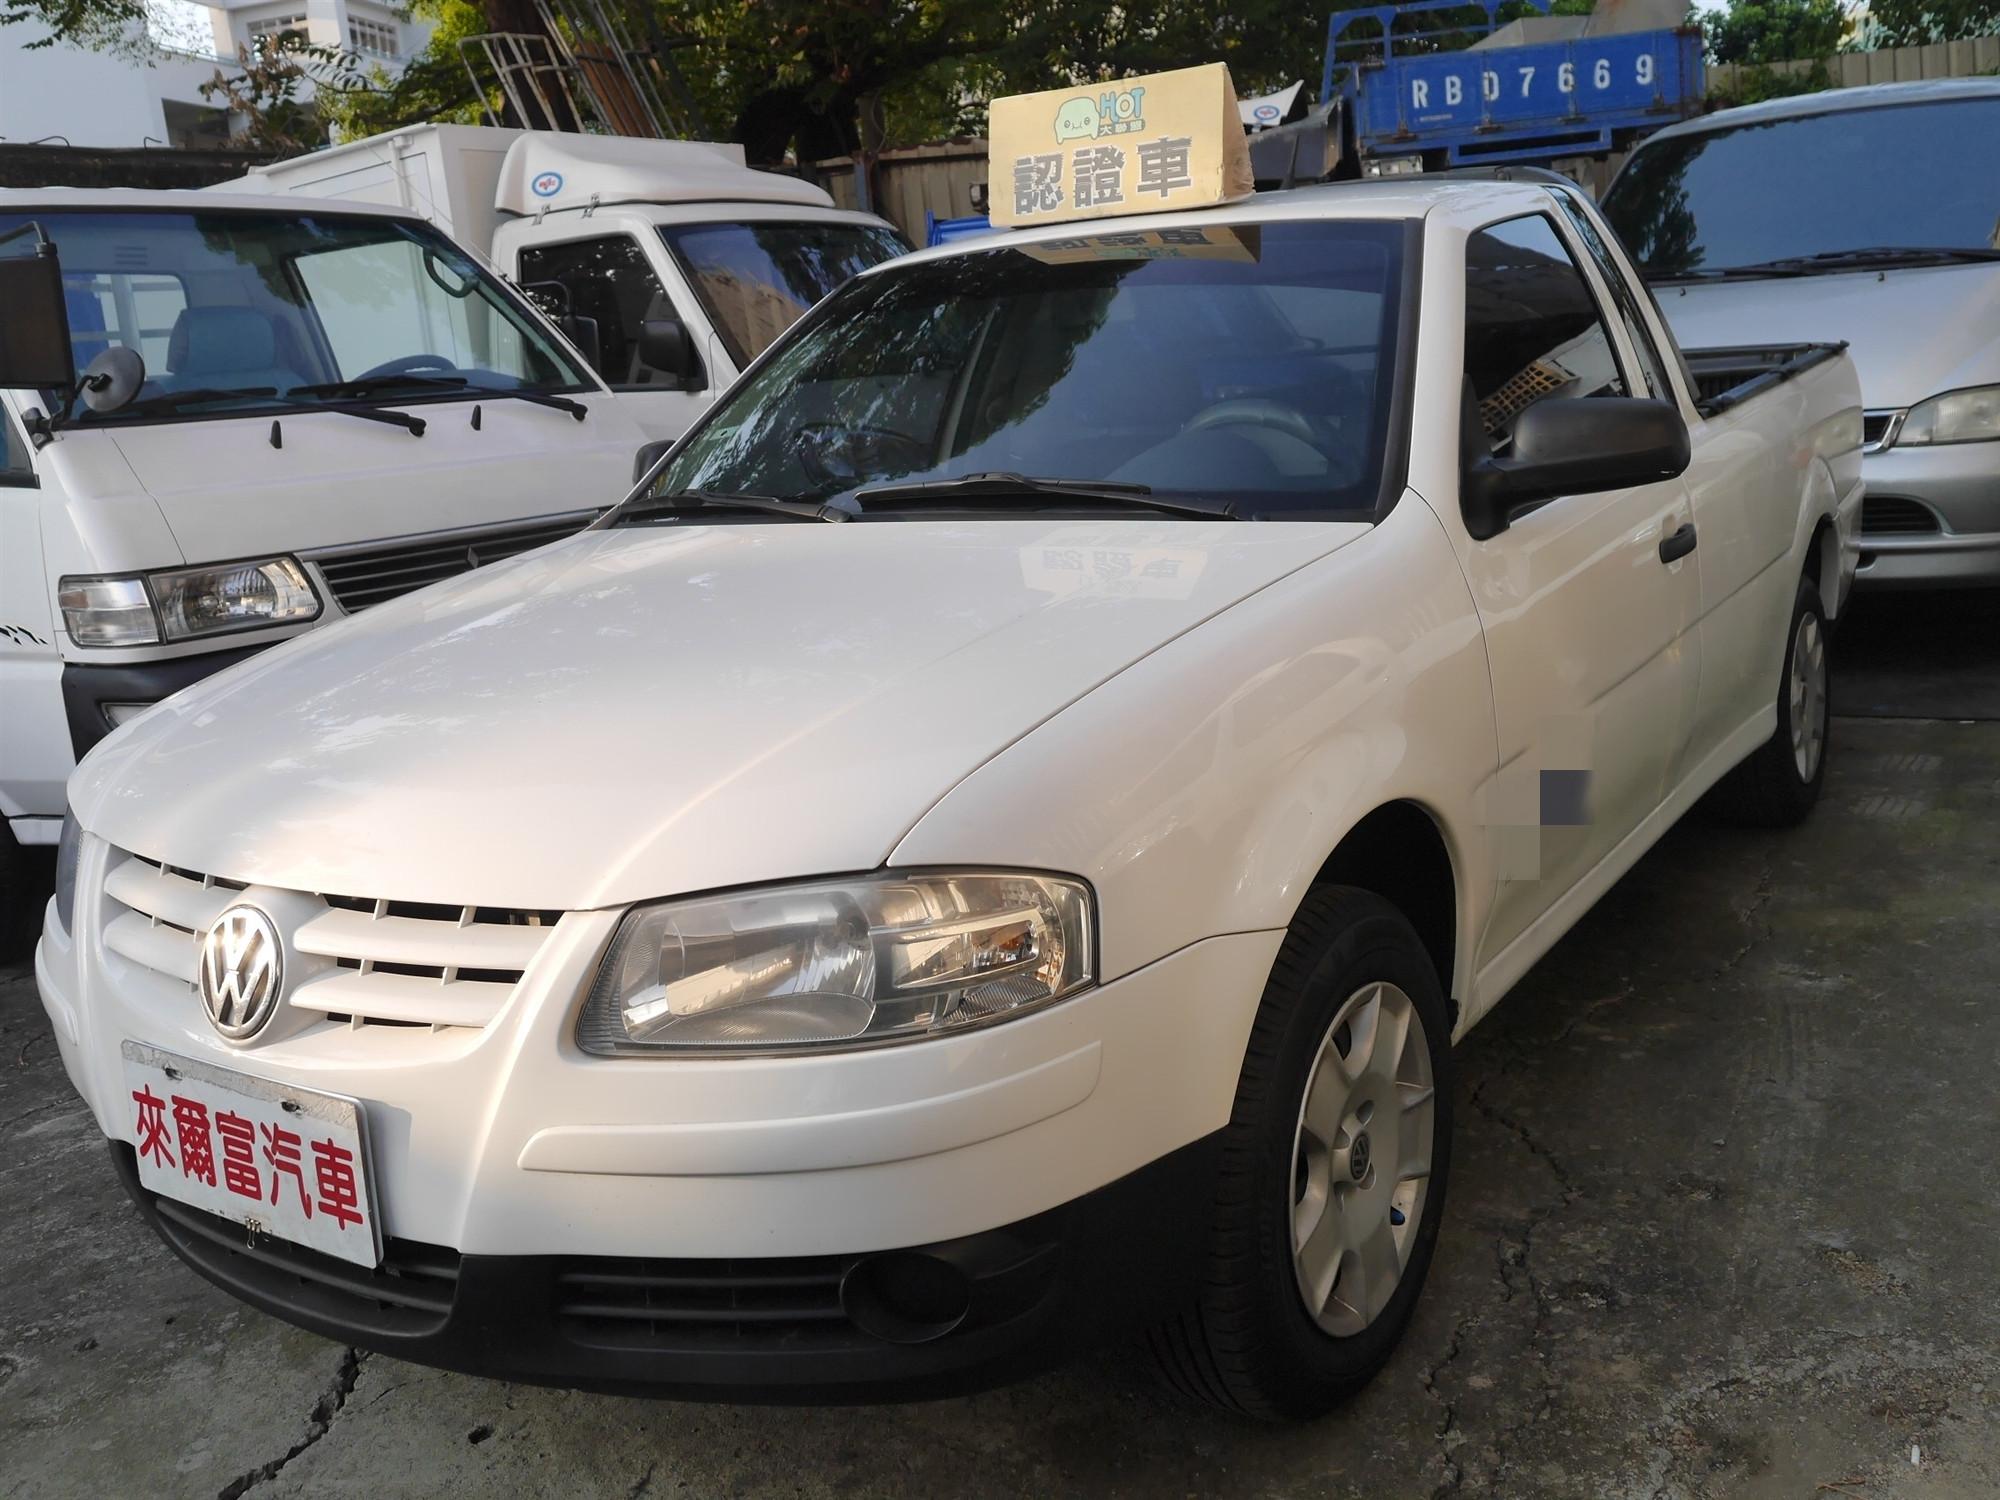 2007 Volkswagen 福斯 商用車